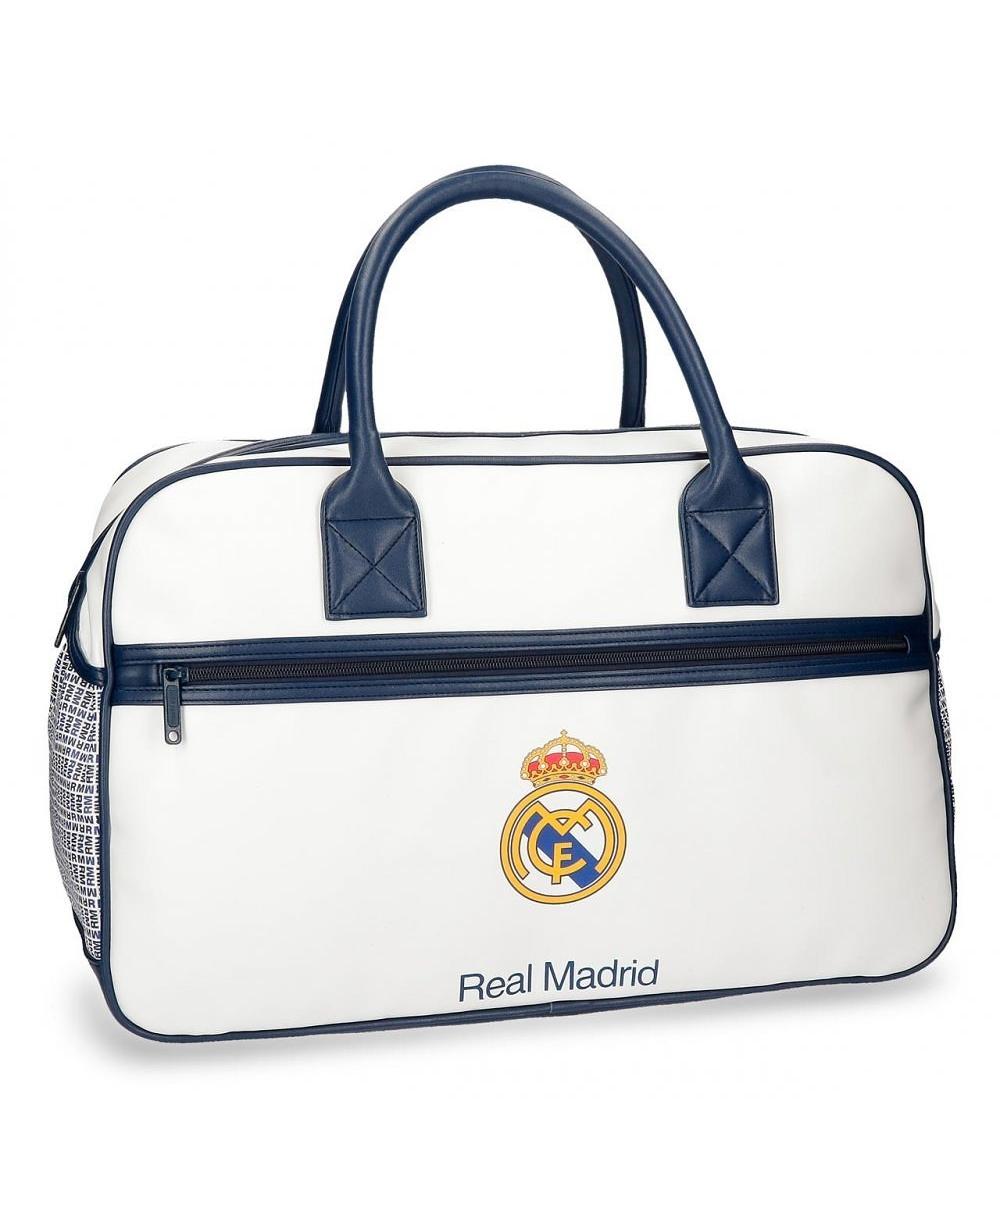 Real Madrid Leyenda Bolsa de Viaje Blanca (Foto )